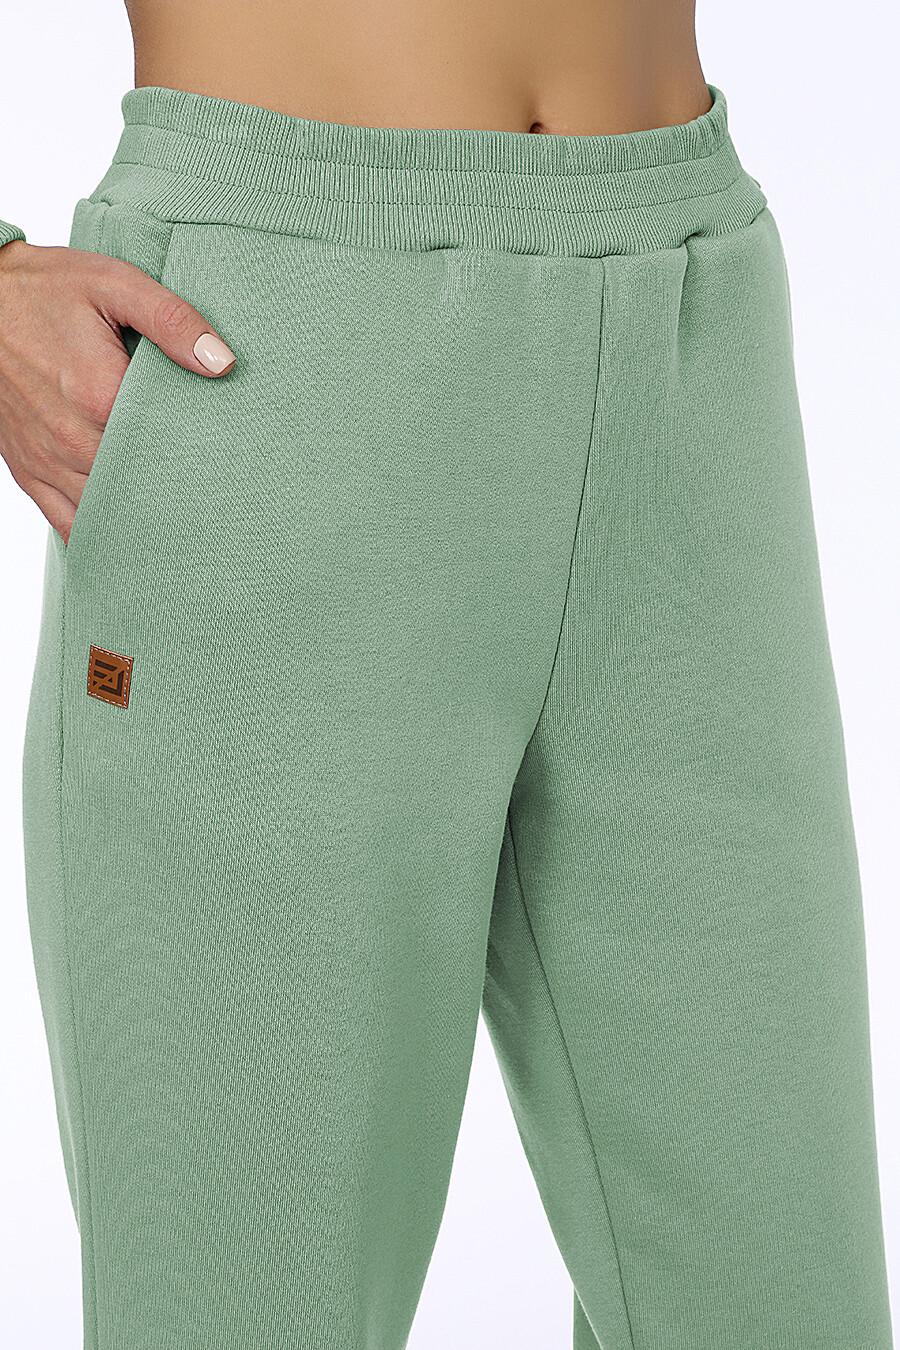 Костюм (Брюки+Худи) для женщин EZANNA 708532 купить оптом от производителя. Совместная покупка женской одежды в OptMoyo